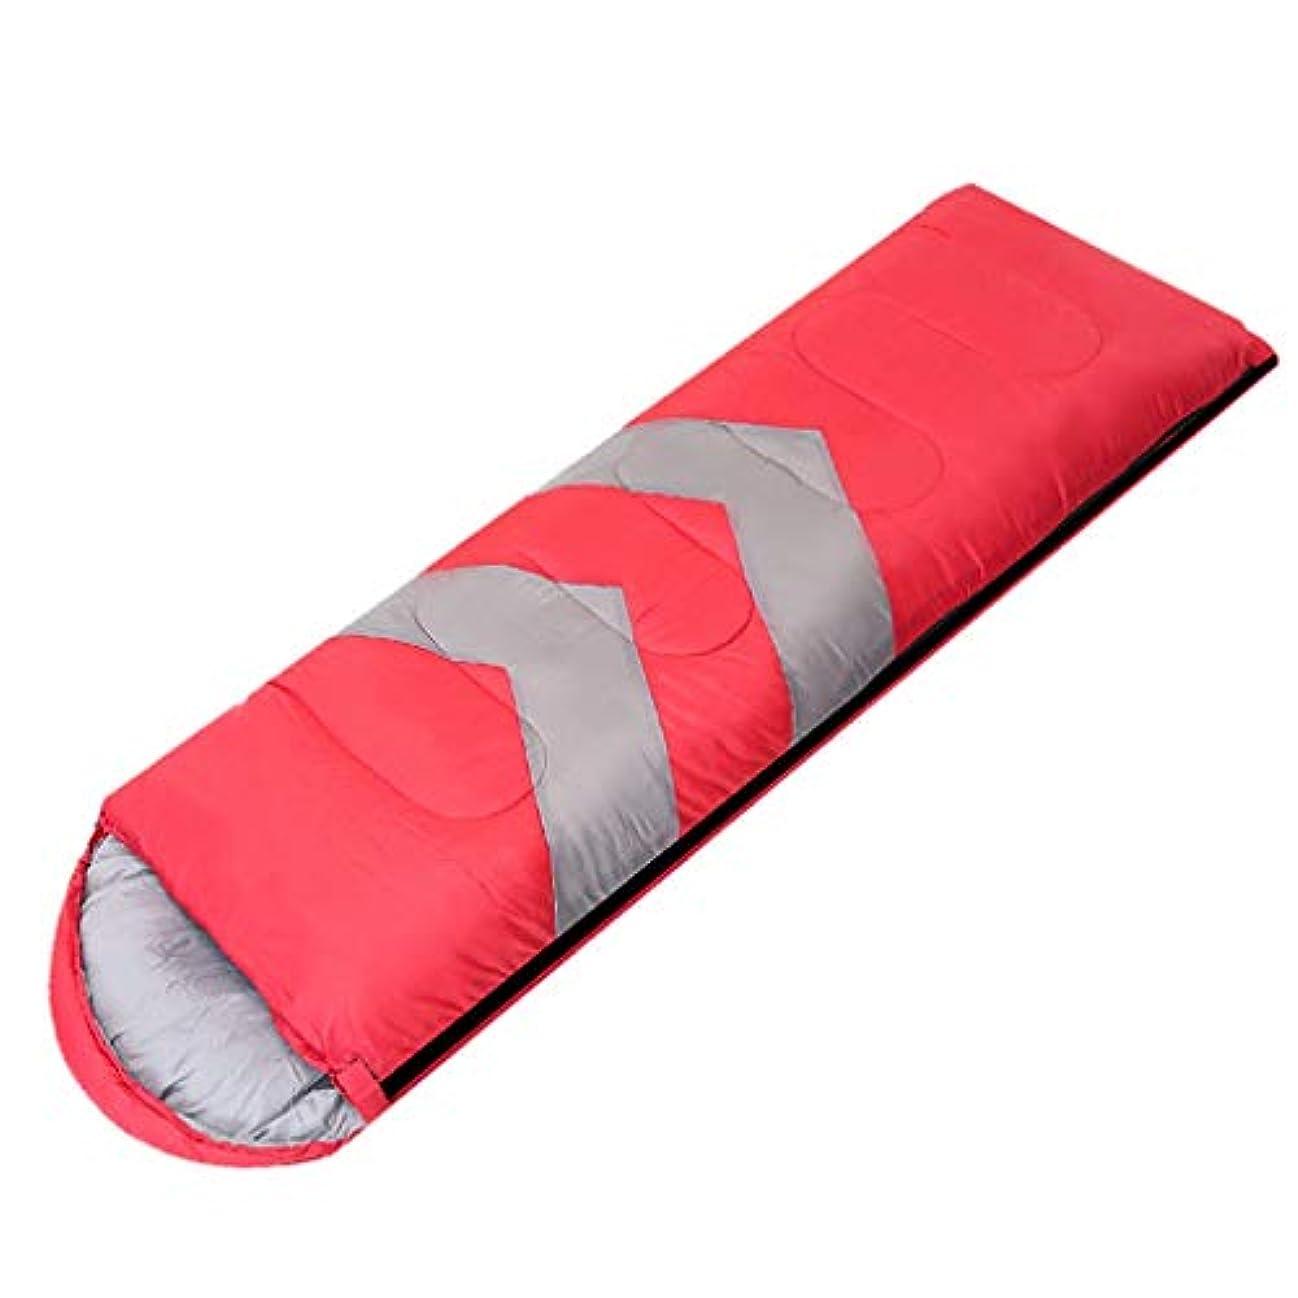 男らしい少数角度寝袋アウトドアキャンプ大人用屋内ランチブレイクホテルアイソレーションダーティポータブル(0°C以上に適している) (色 : C)